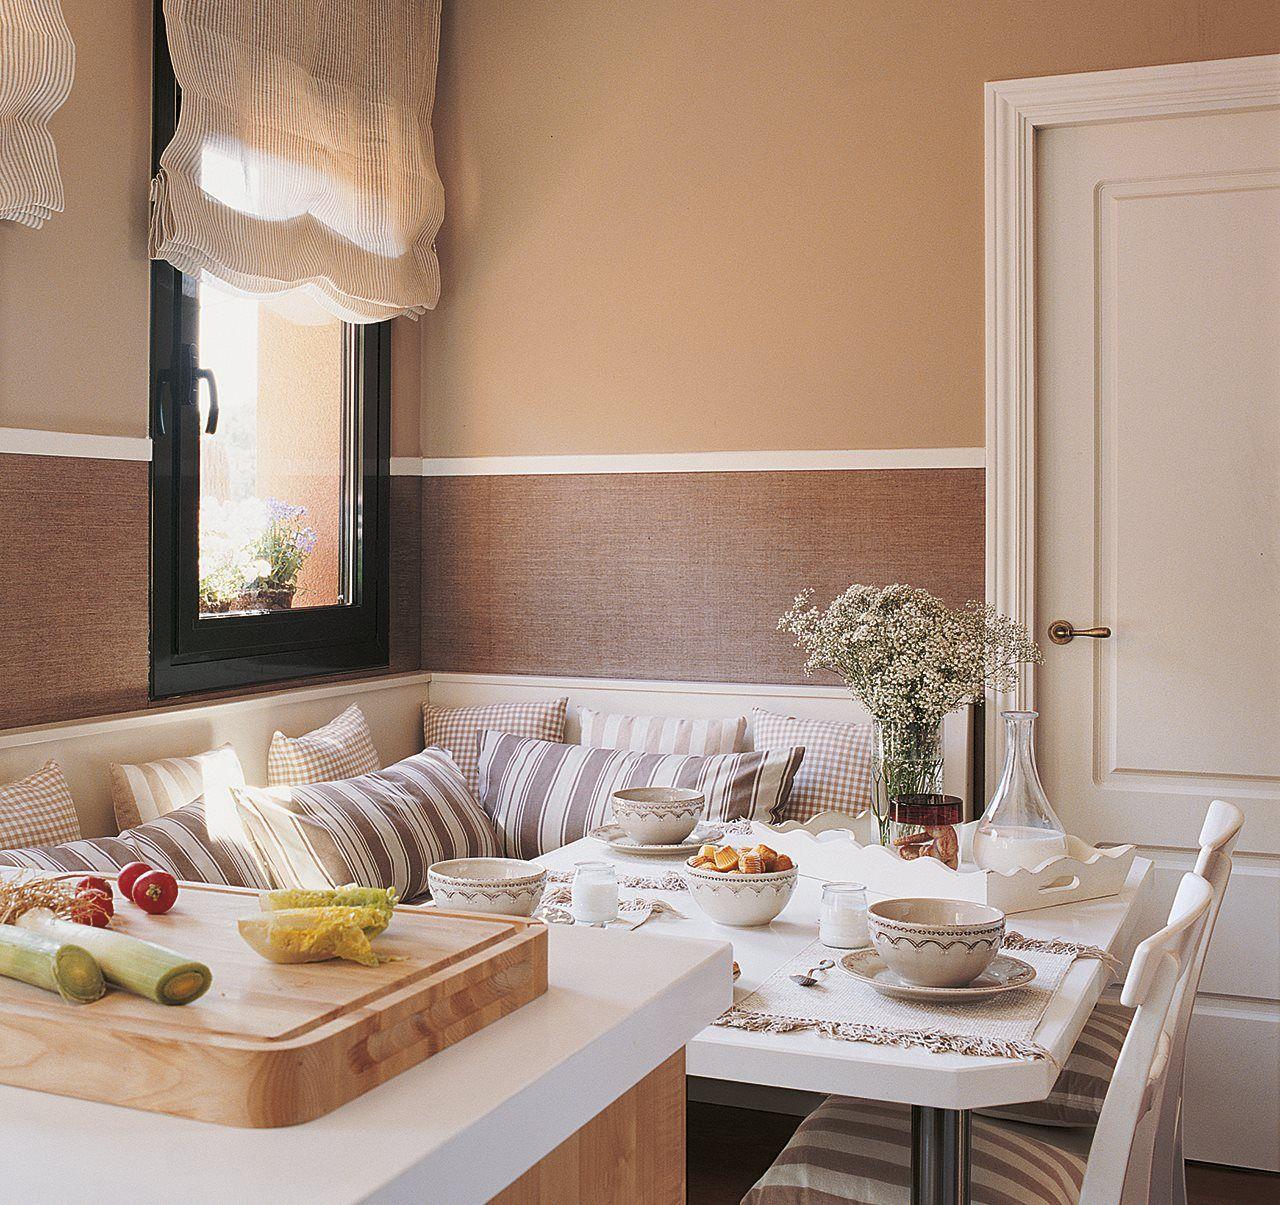 Crea un office en un rincón | Pinterest | Diseño de cocina, Mejores ...